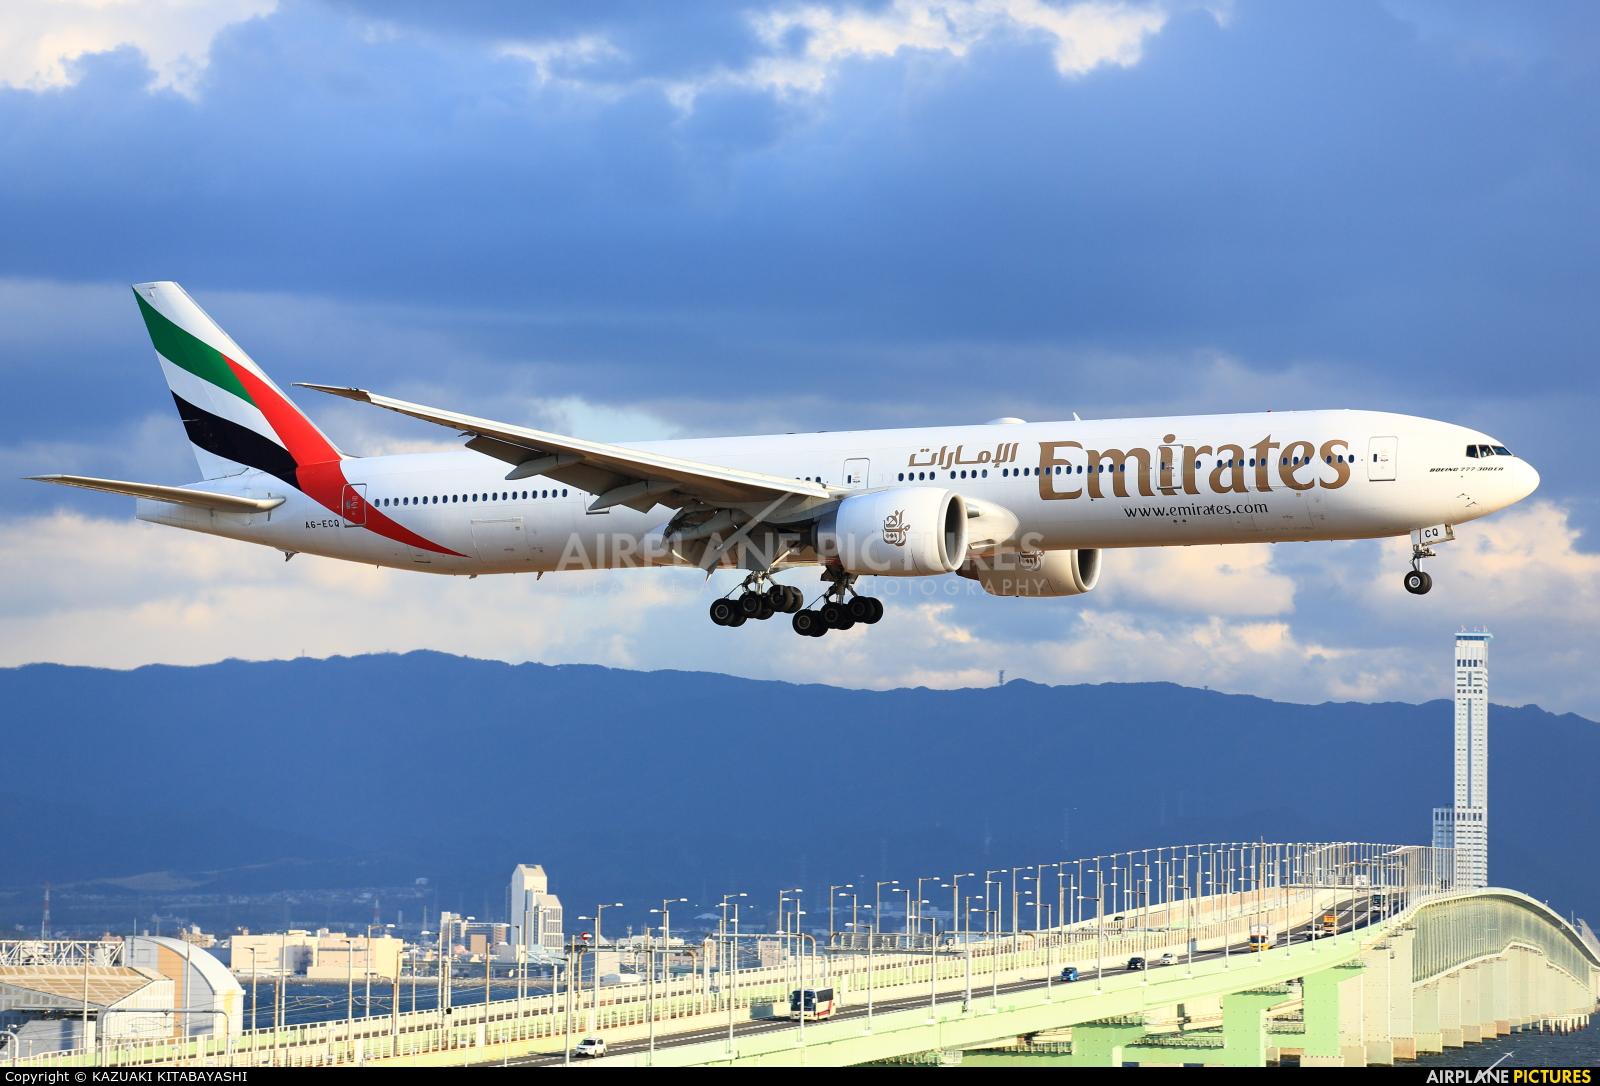 Emirates Airlines A6-ECQ aircraft at Kansai Intl